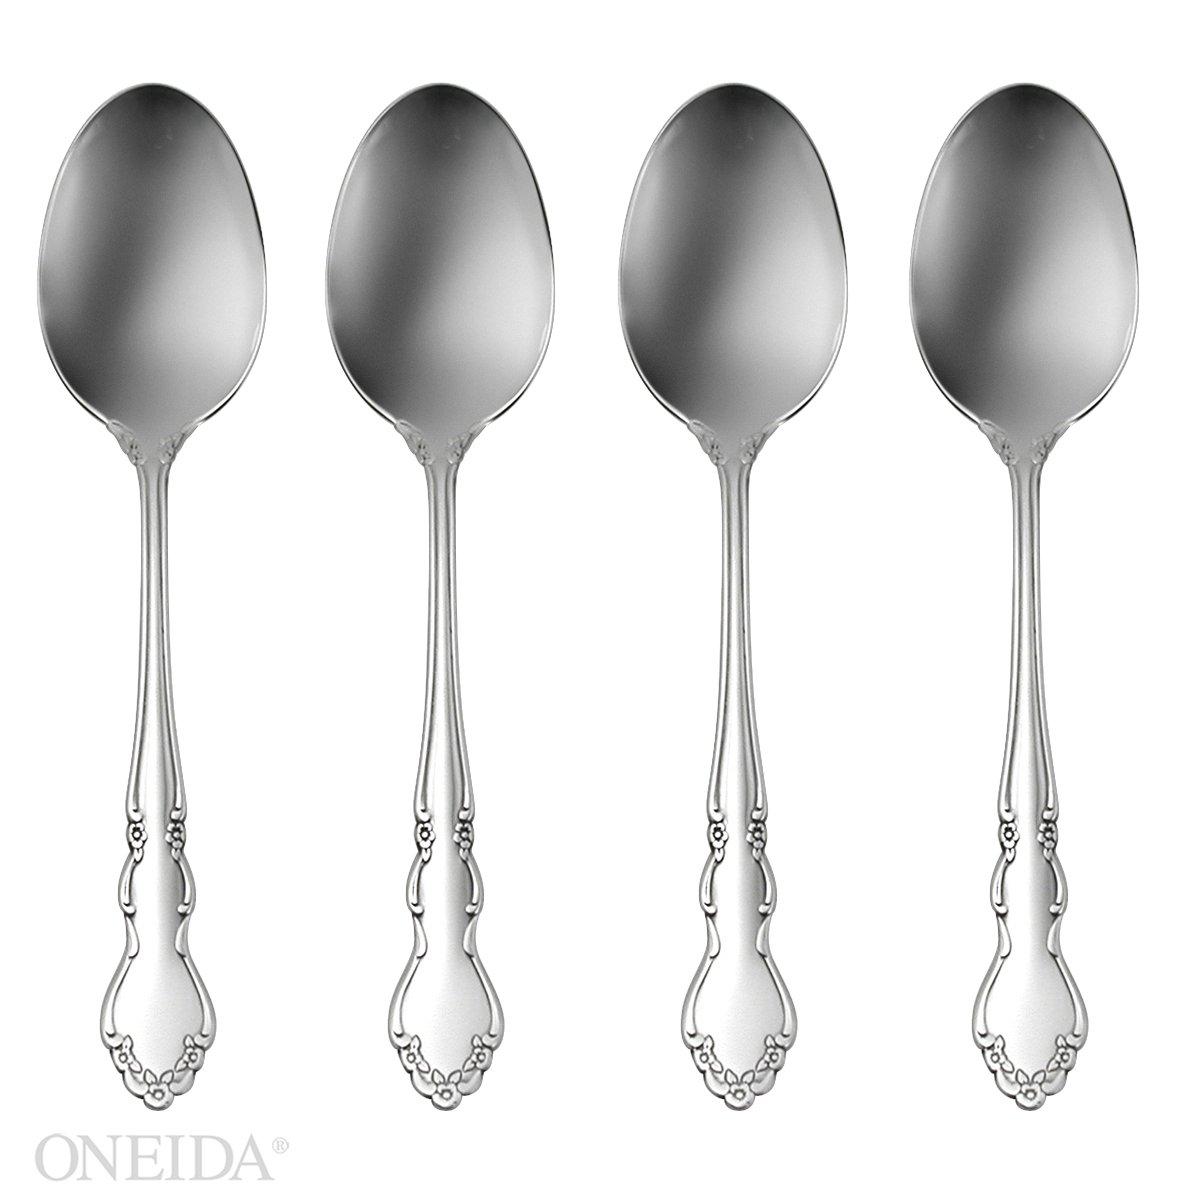 Oneida Dover Fine Flatware Set, 18/10 Stainless, Set of 4 Dinner Spoons